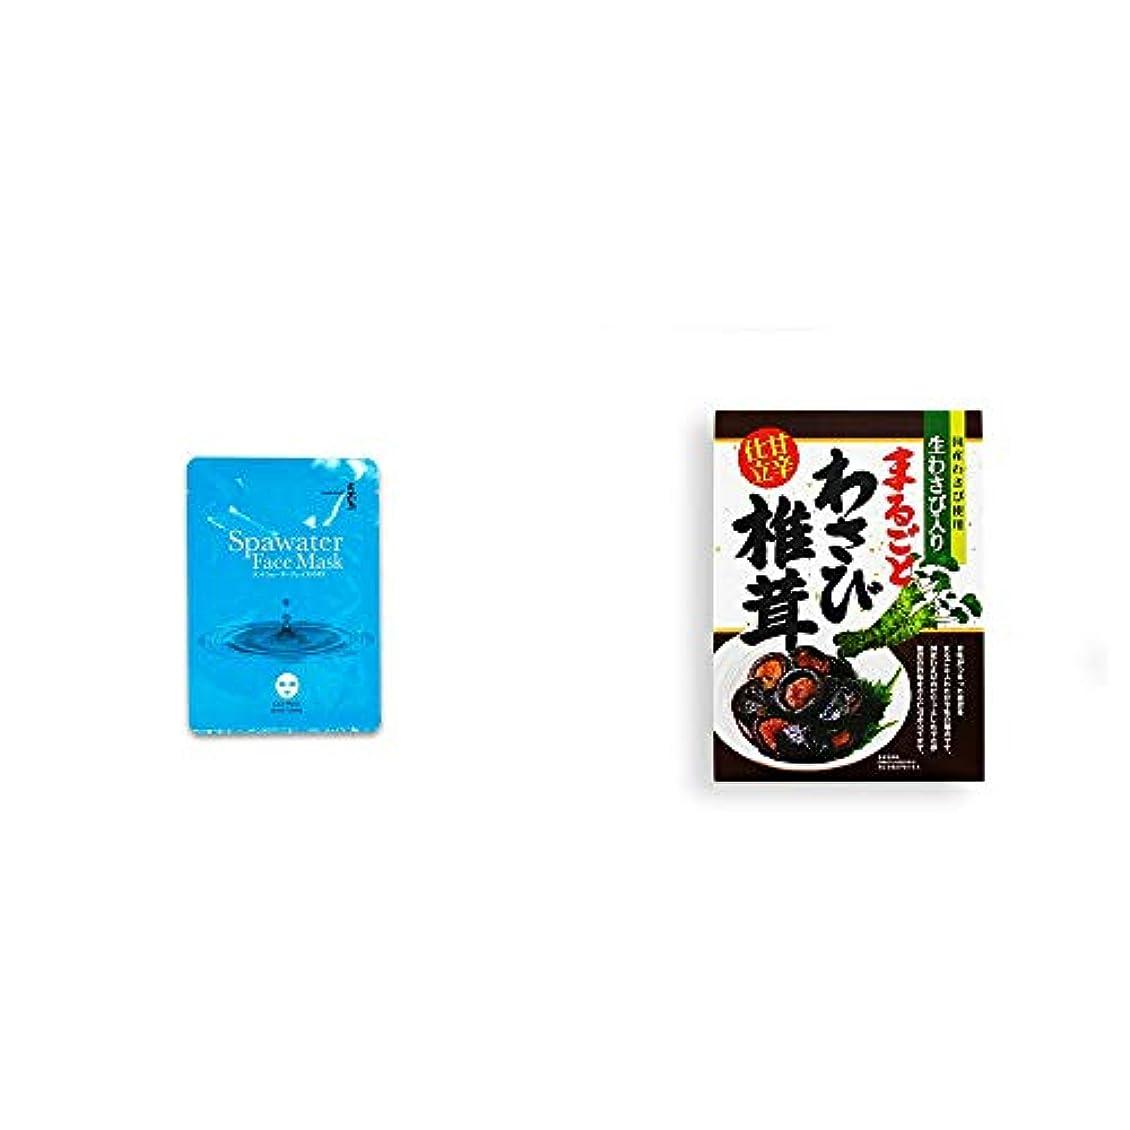 マリンフロンティア筋[2点セット] ひのき炭黒泉 スパウォーターフェイスマスク(18ml×3枚入)?まるごとわさび椎茸(200g)